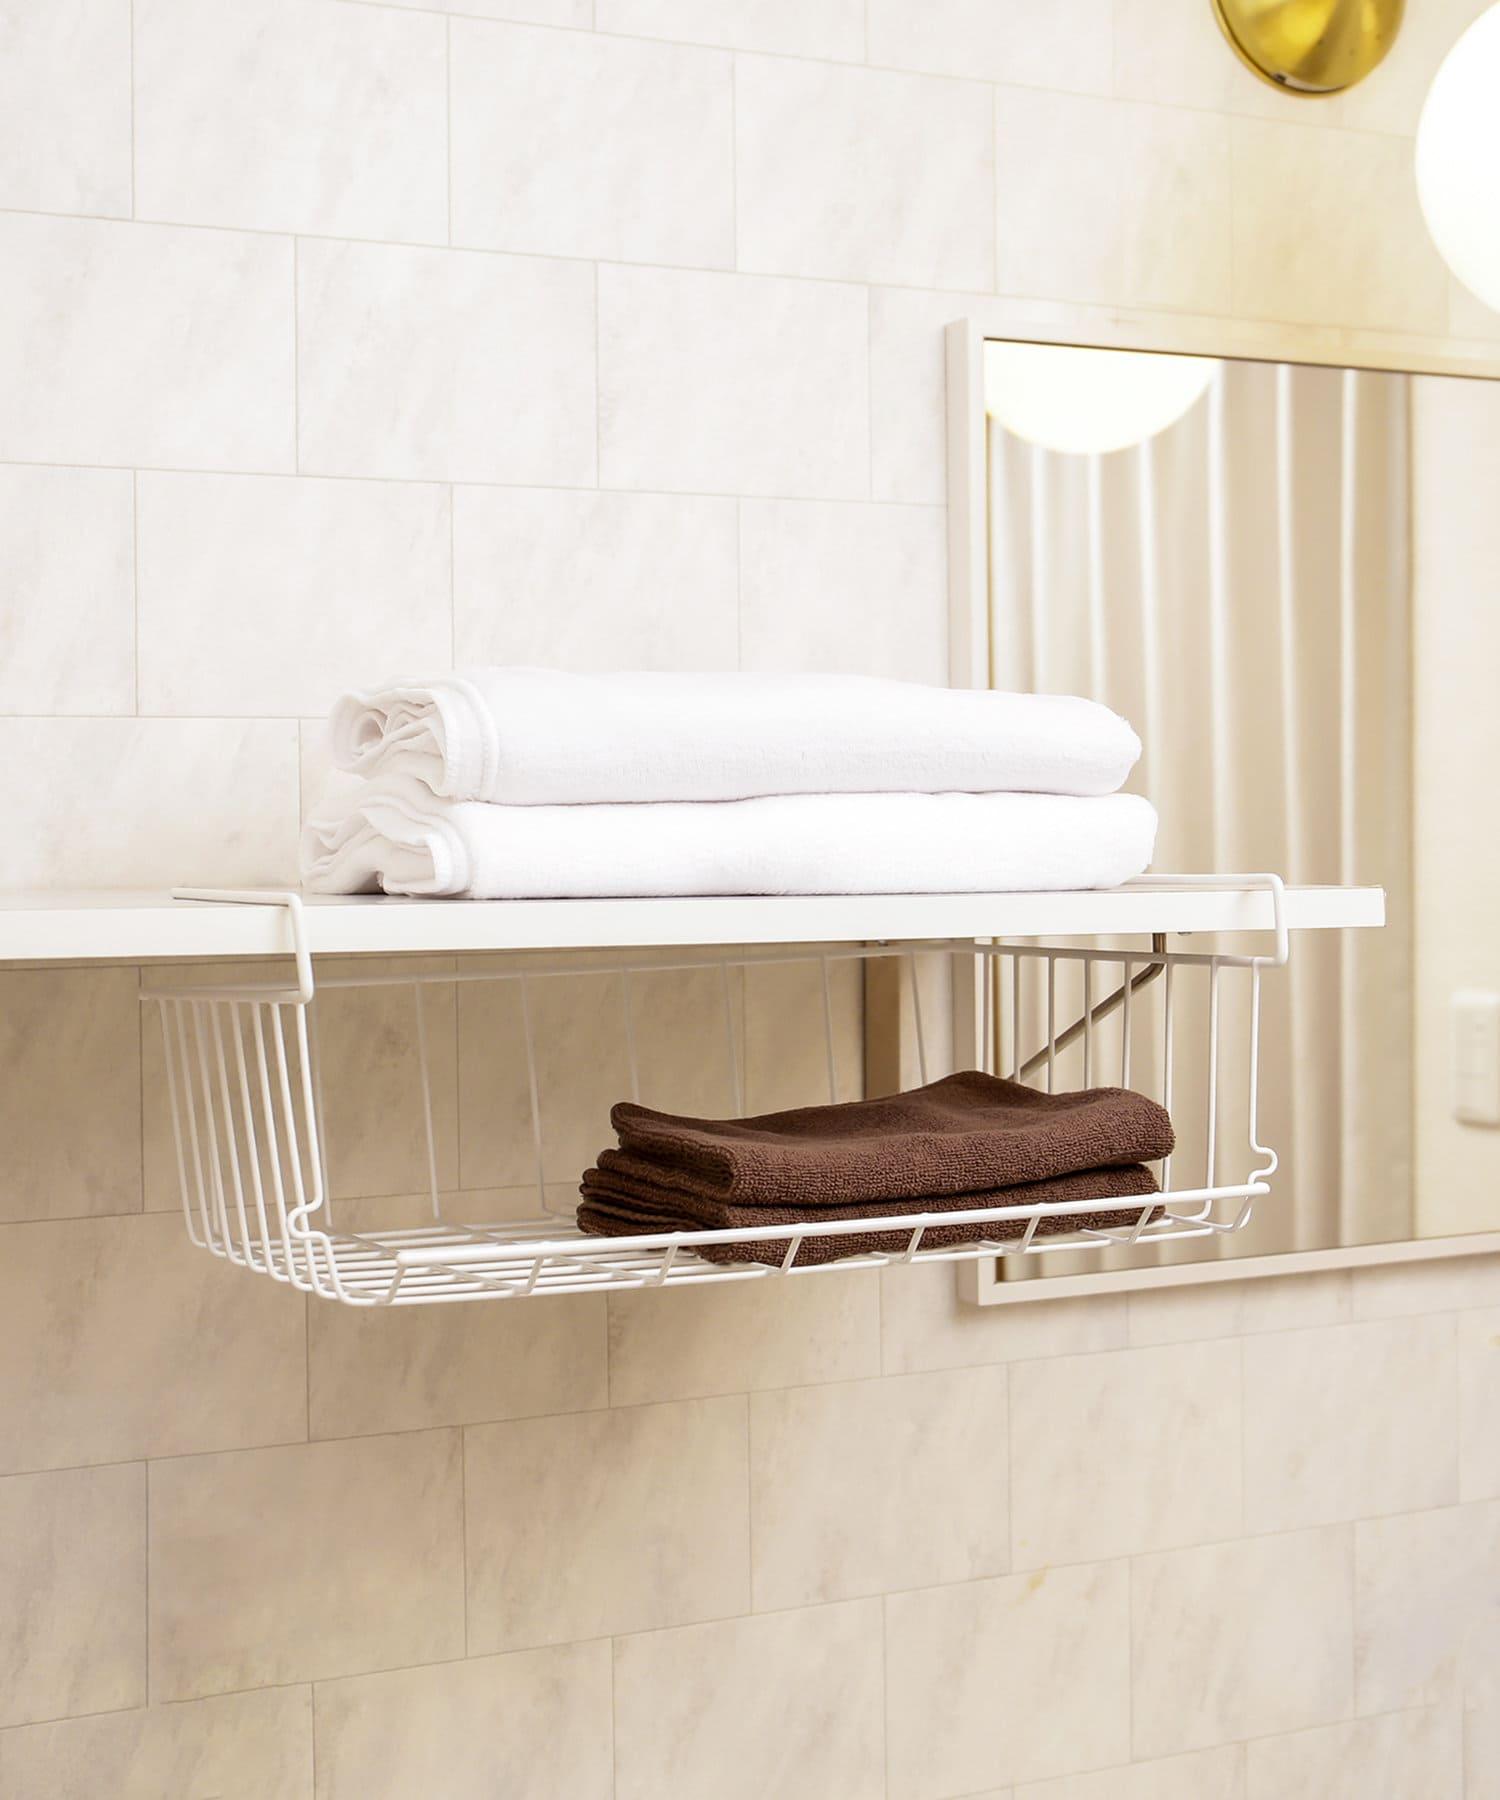 3COINS(スリーコインズ) ライフスタイル ワイヤースタック収納ラック ホワイト